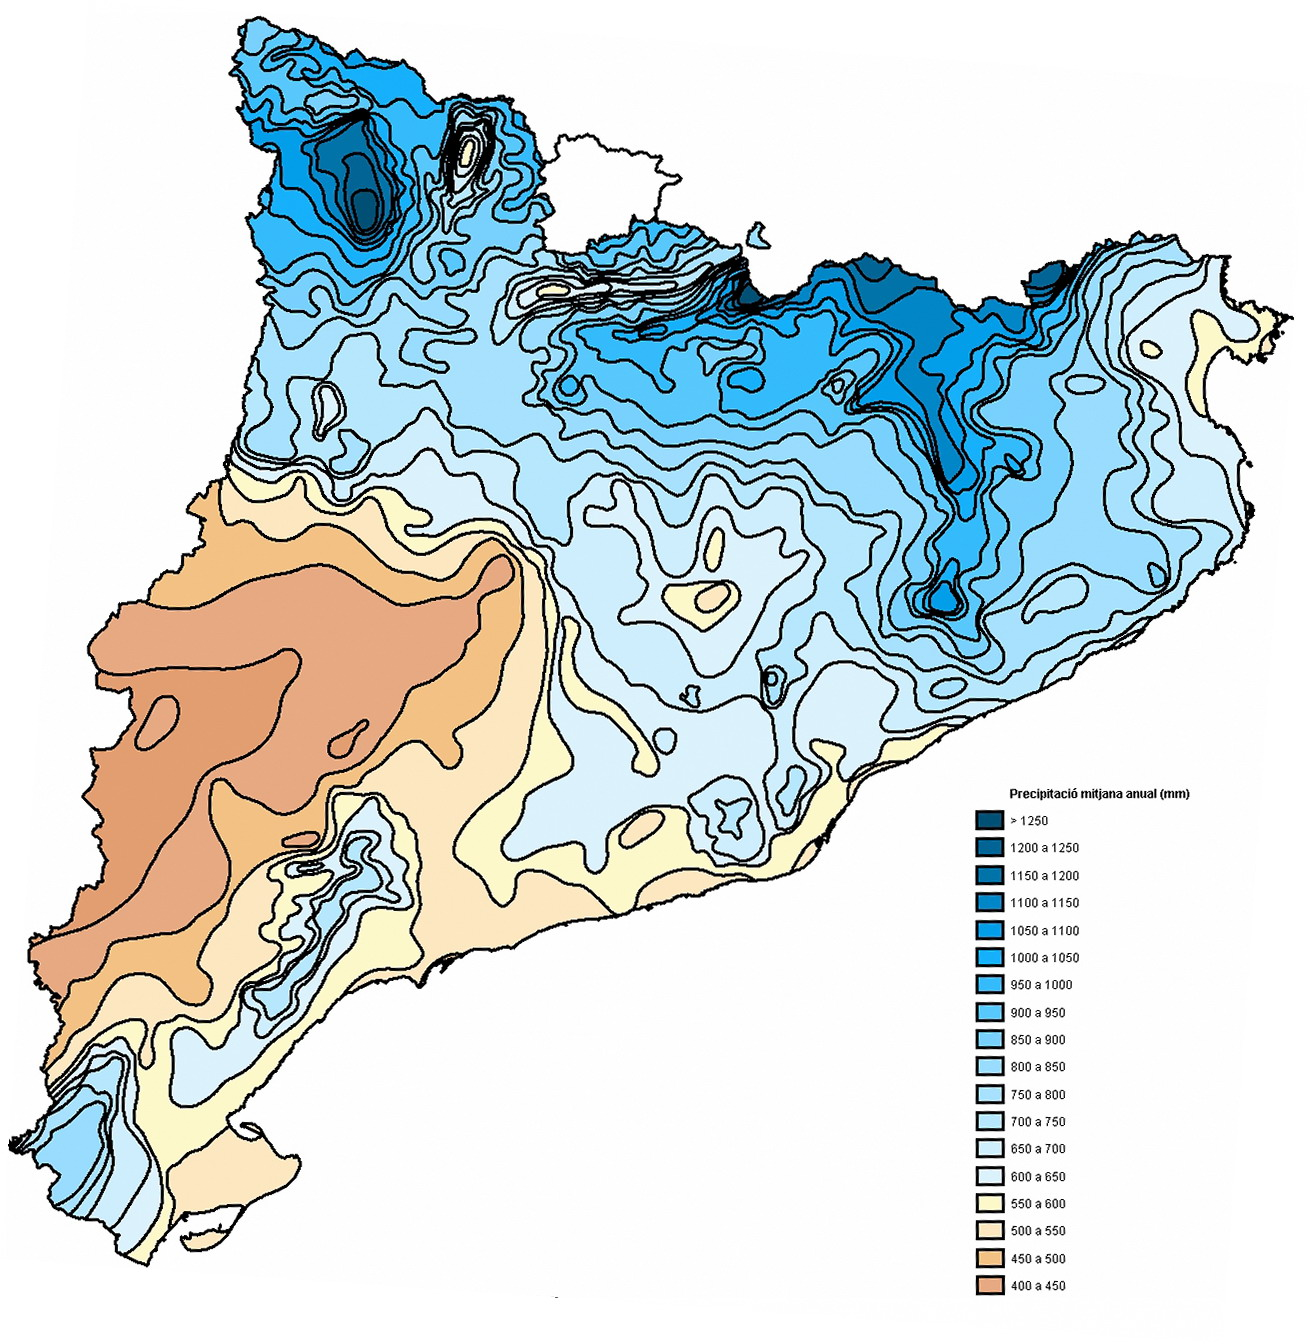 Precipitaciones en Cataluña